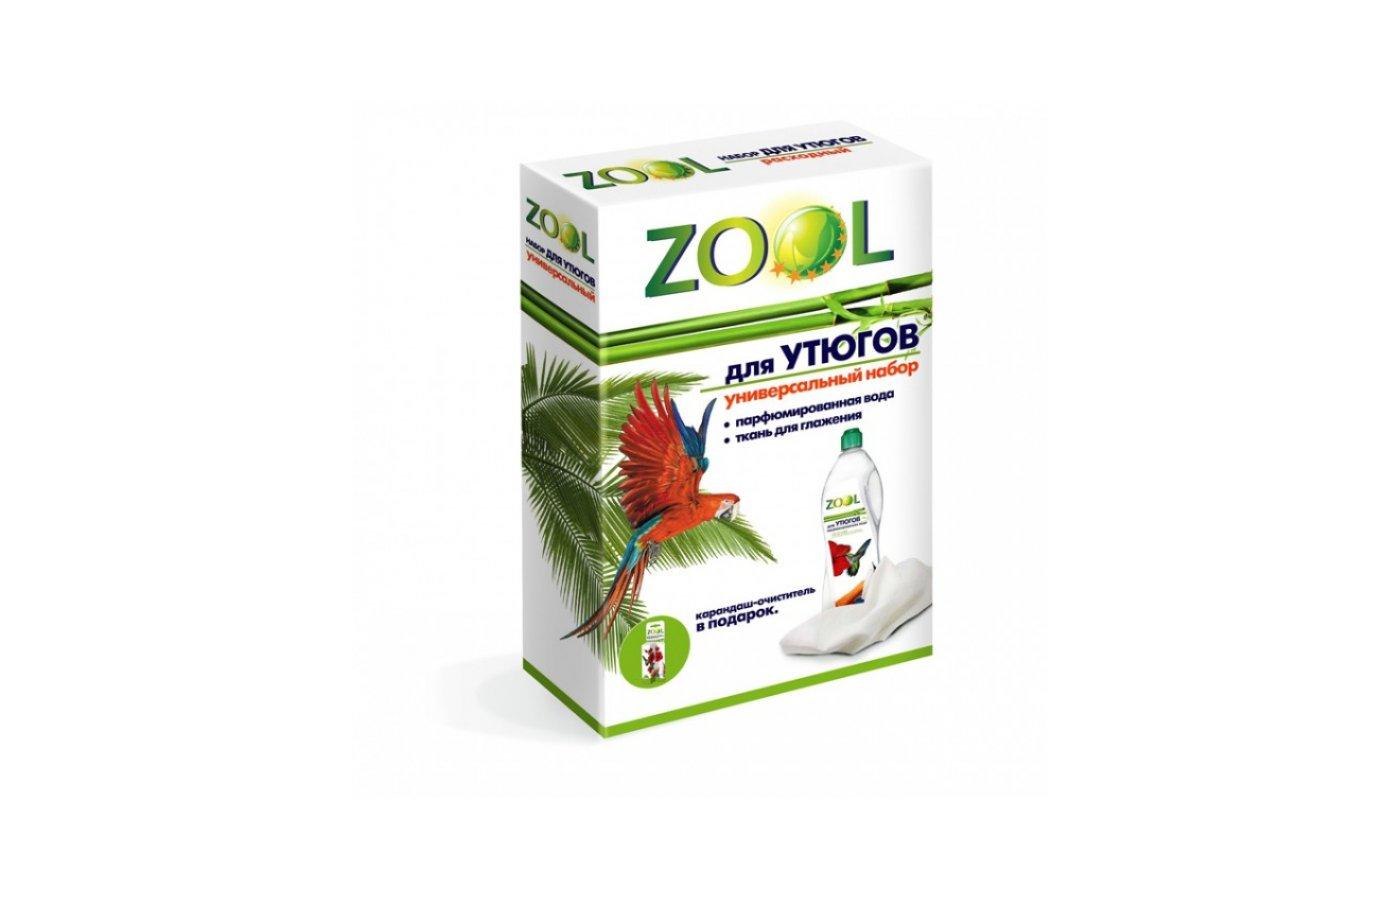 Аксессуары для утюгов ZOOL 703 Набор для утюгов универсальный